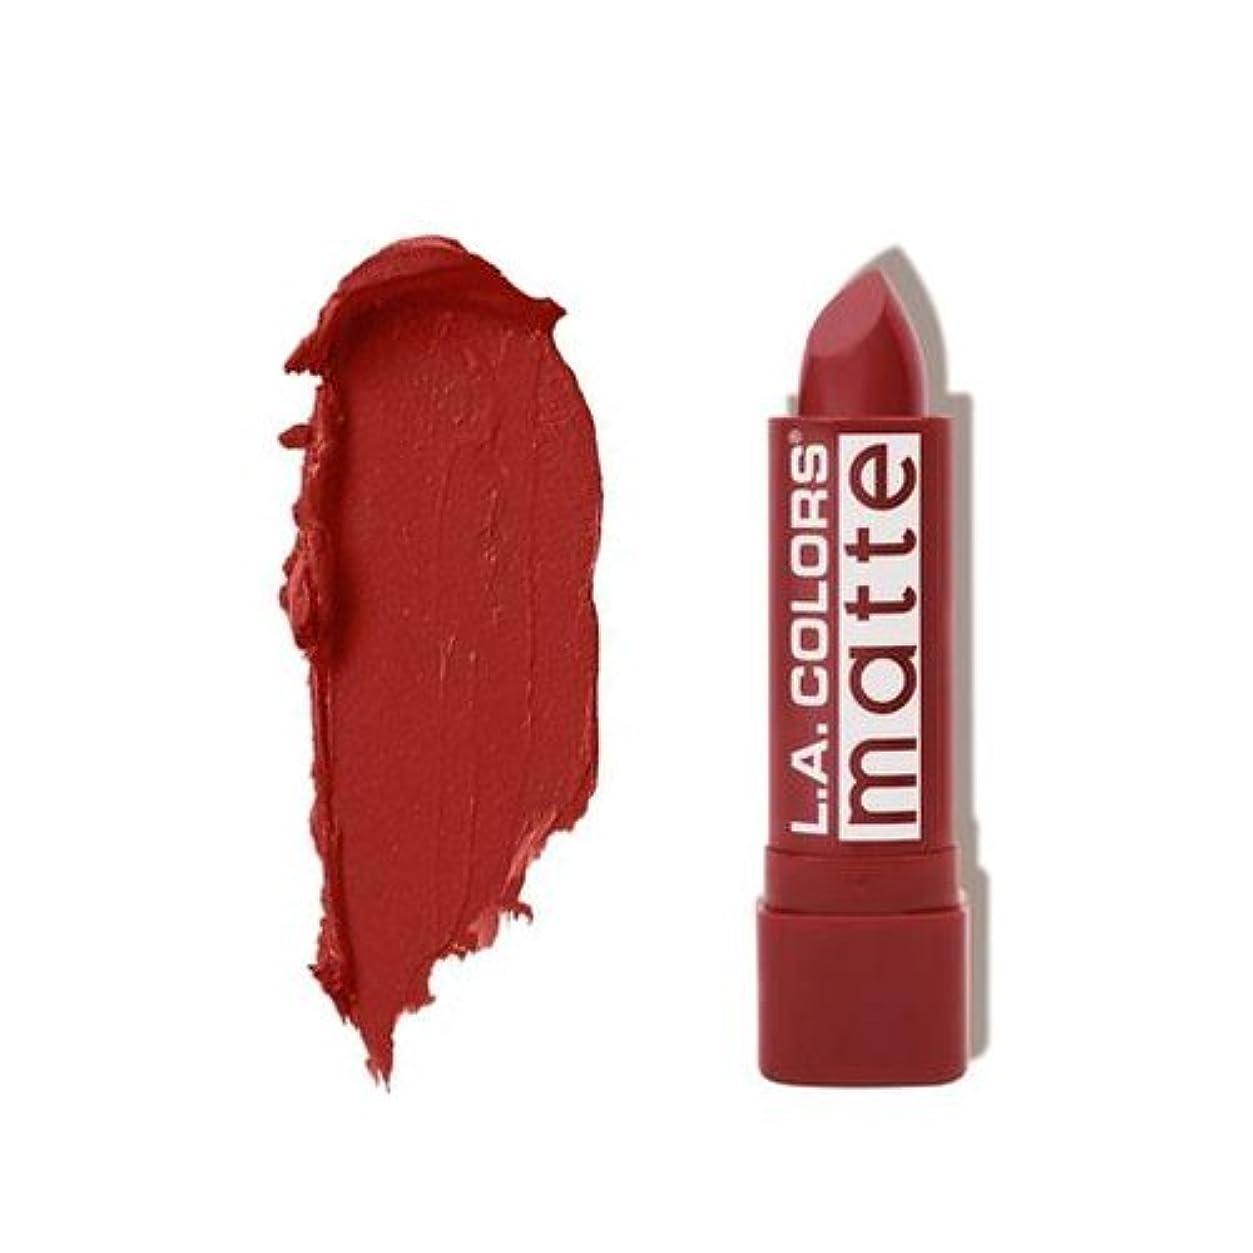 確保する独裁証明(3 Pack) L.A. COLORS Matte Lip Color - Brick (並行輸入品)